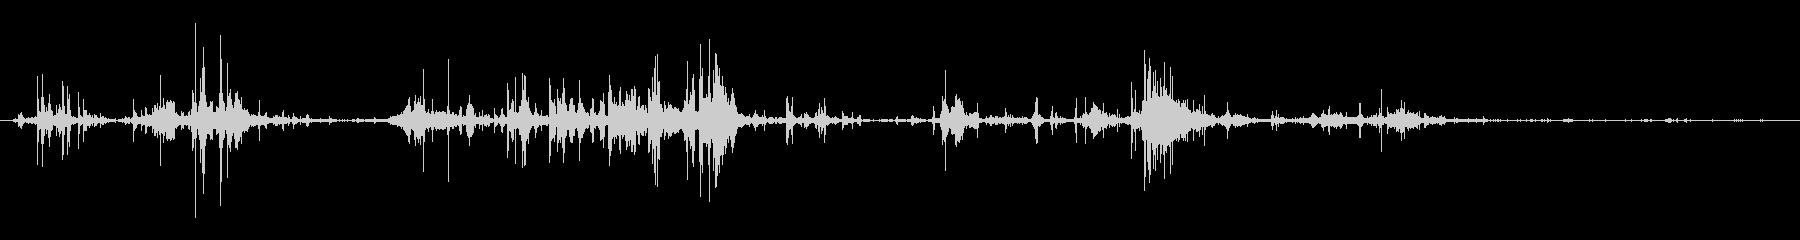 ダートオンファイト:フットムーブメ...の未再生の波形